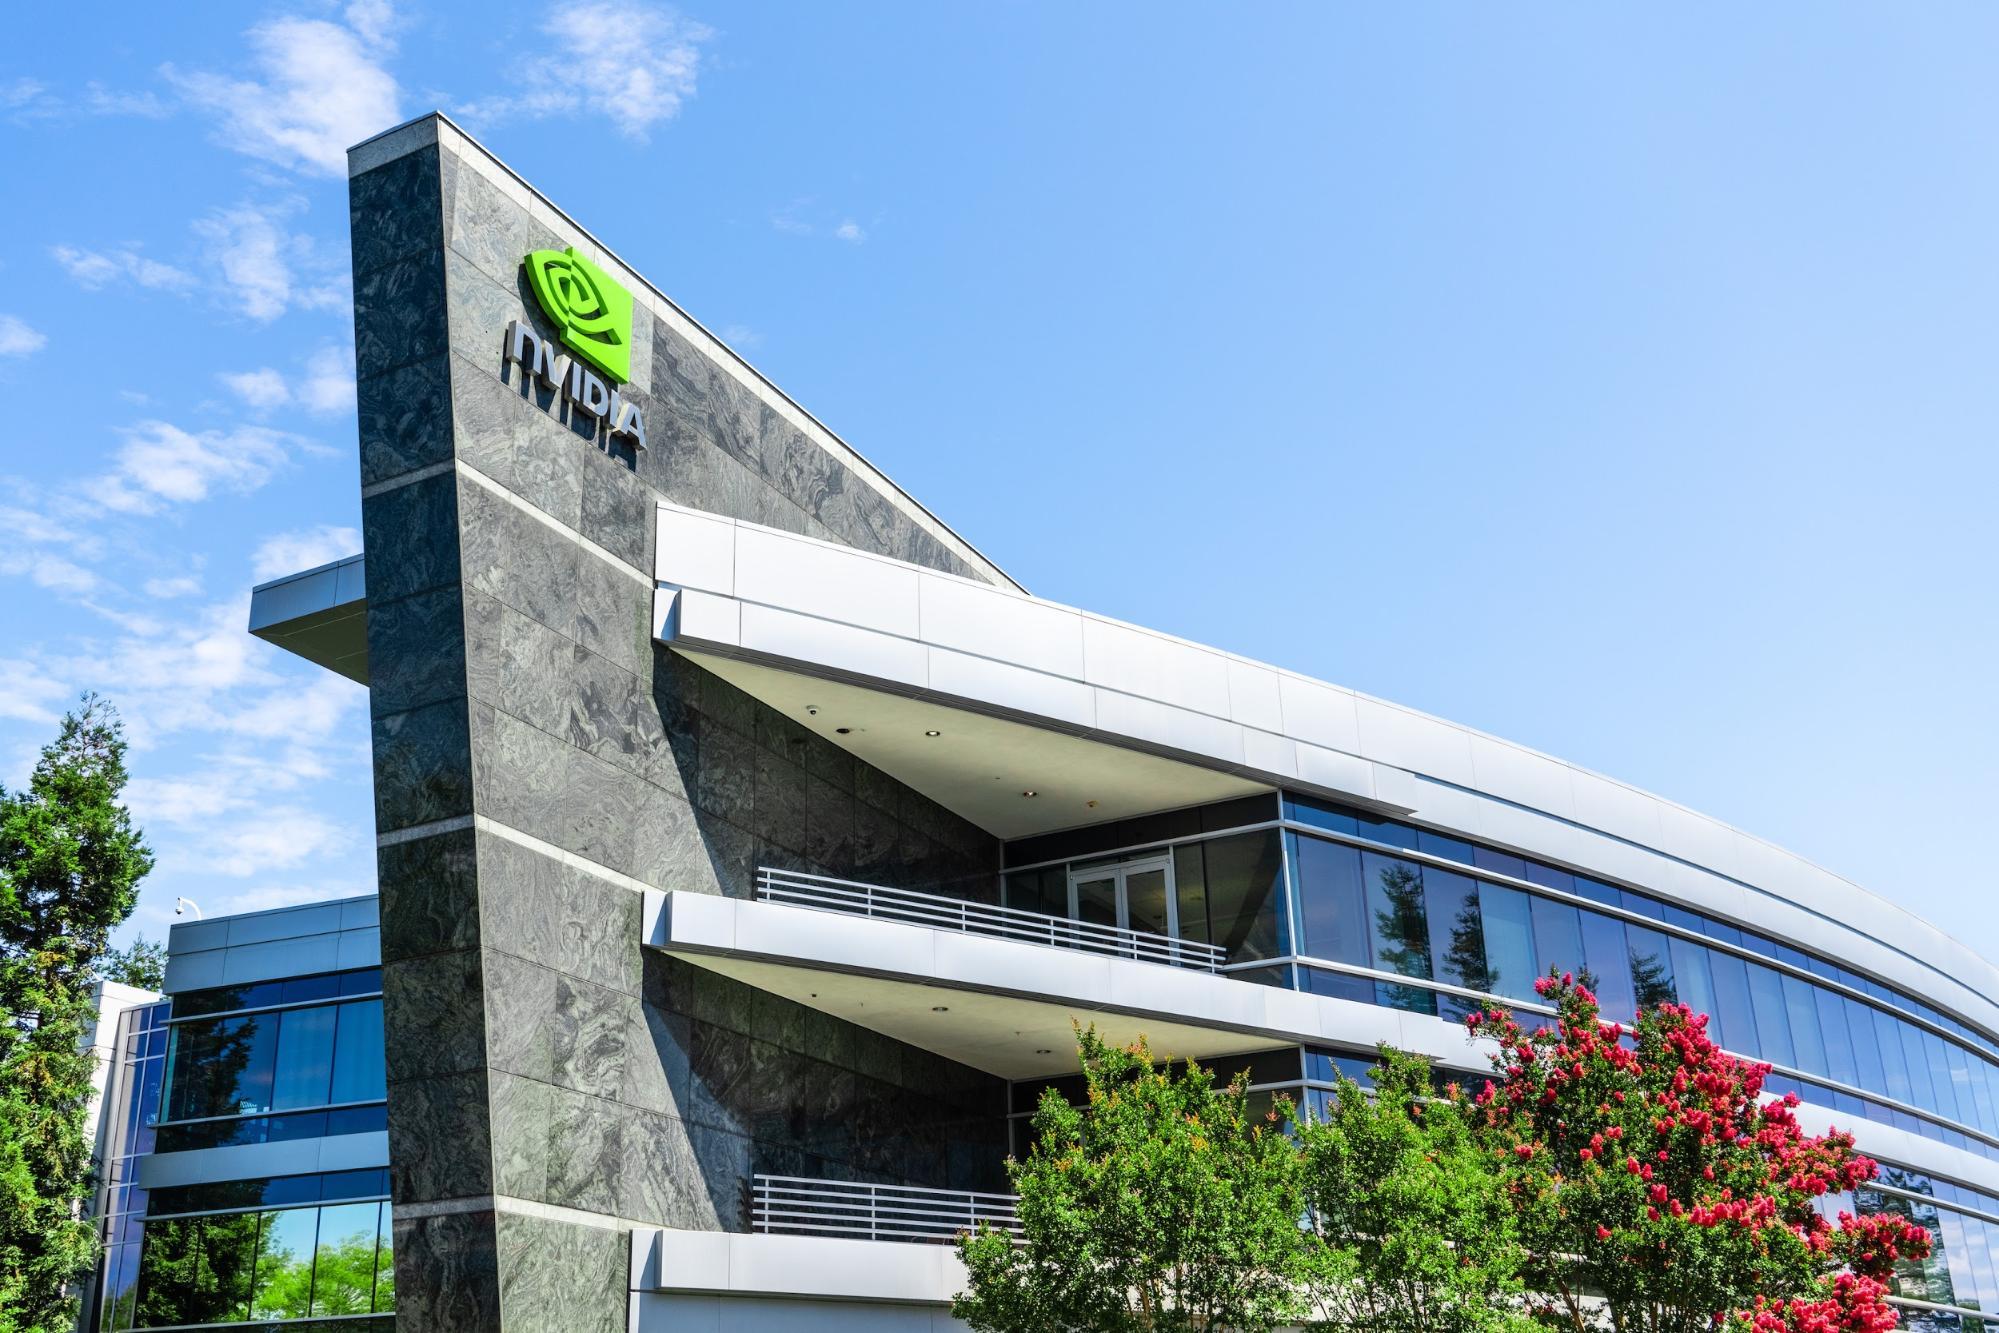 Nvidia internship: Nvidia building